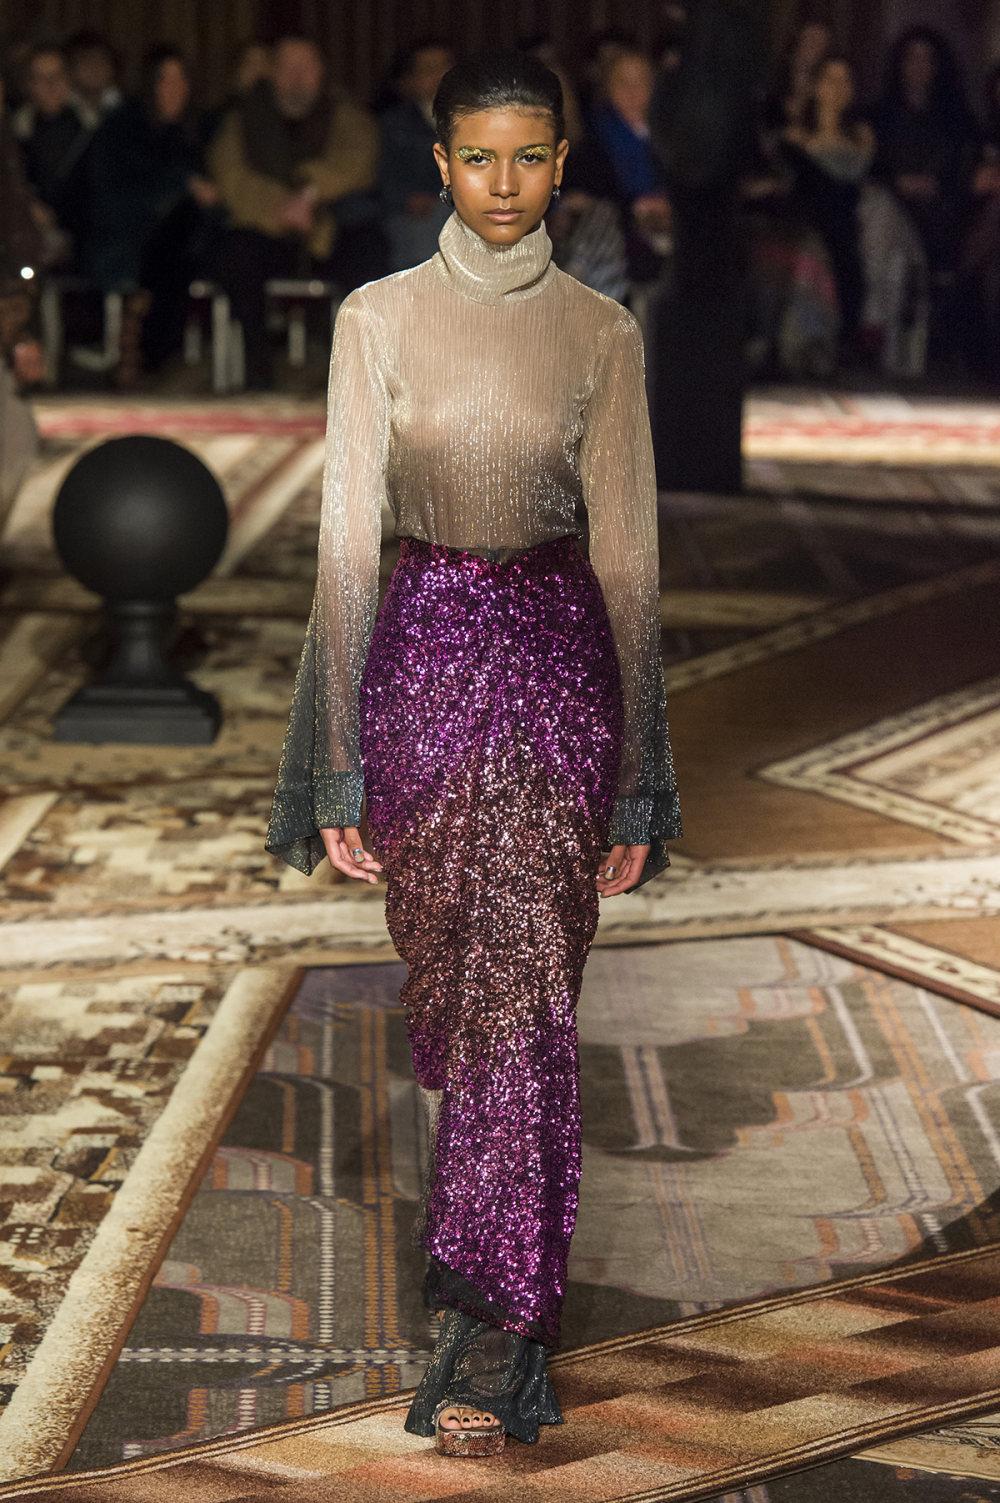 Halpern时装系列将幻想印花应用于宽大的缎面外套展示垂褶技巧-19.jpg